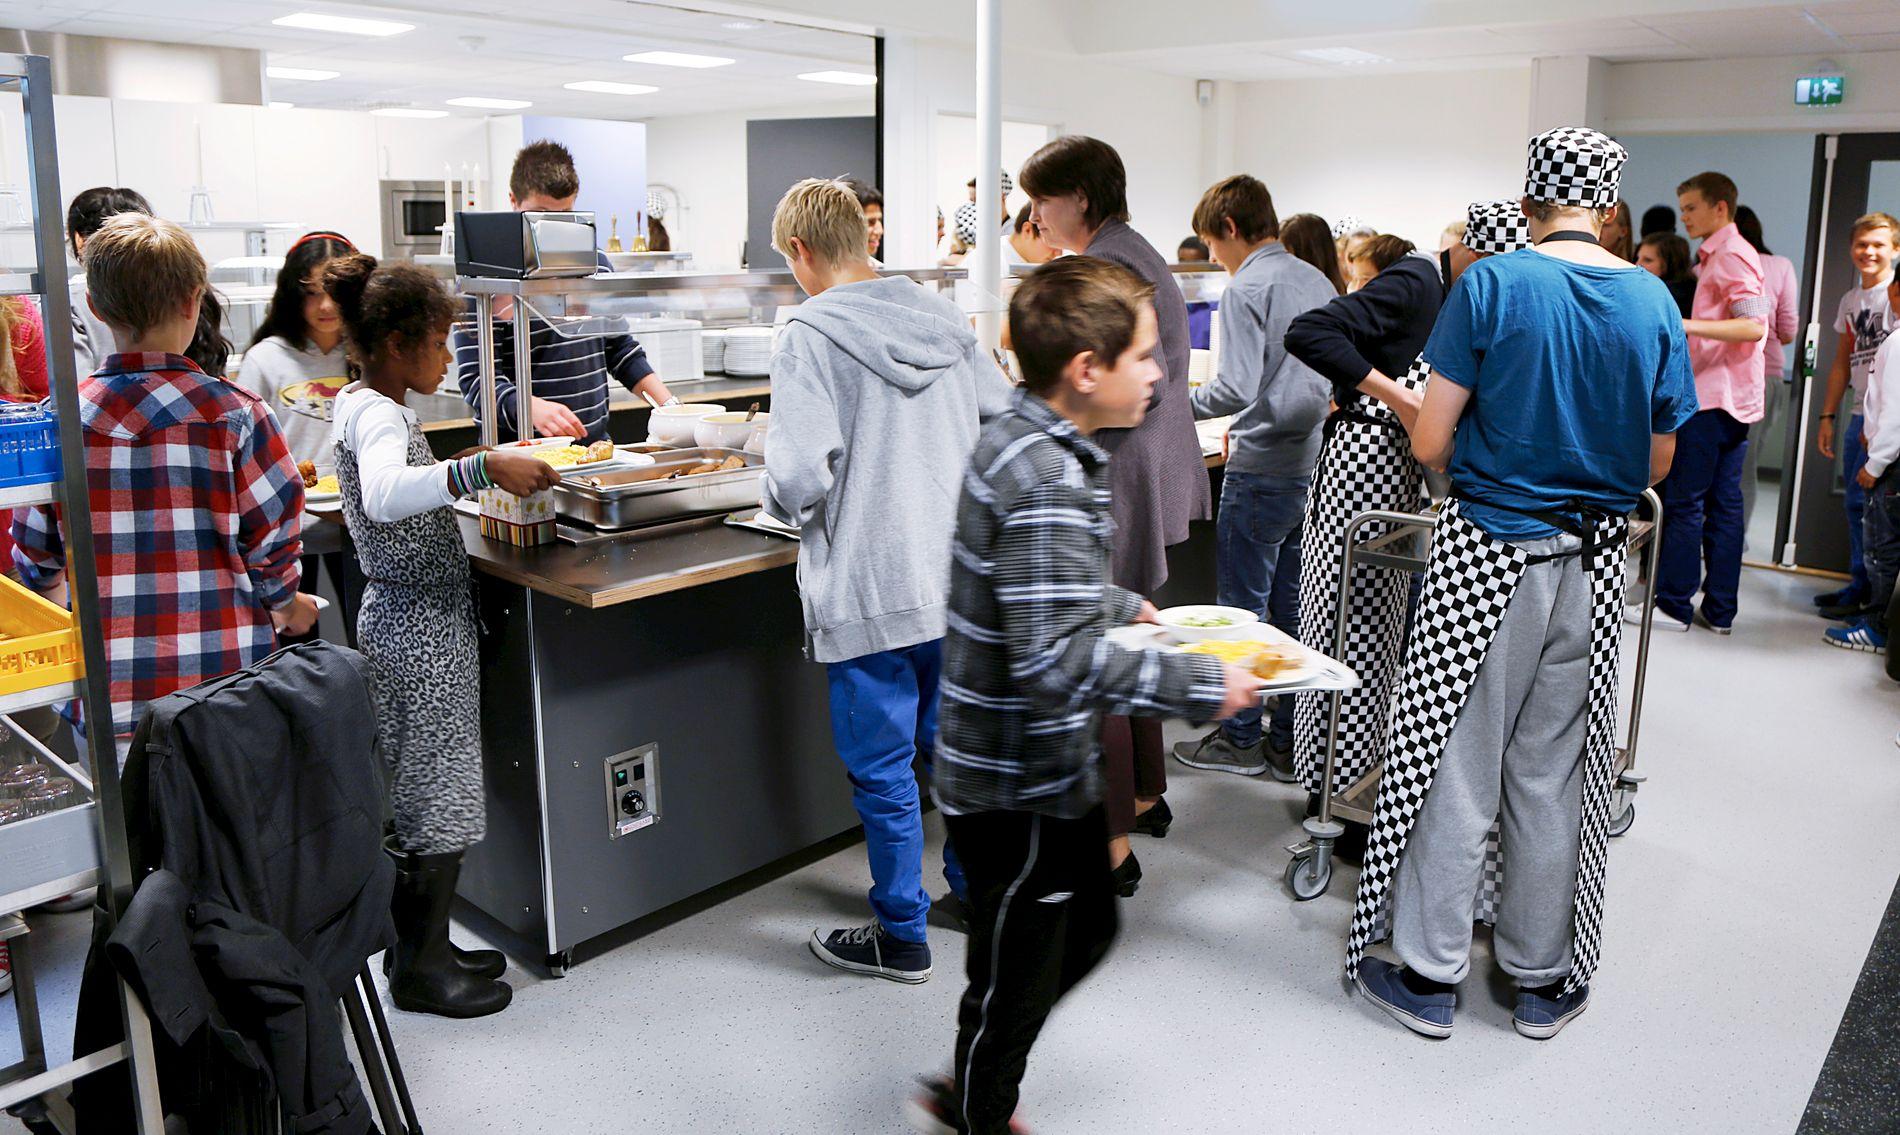 GOD HELSE: Skolemat er godt for læring, godt for helsen og ikke minst er det god velferd, skriver Gina Barstad. Bildet er fra Kjøkkelvik skole som startet med frokost og varm lunsj hver dag.